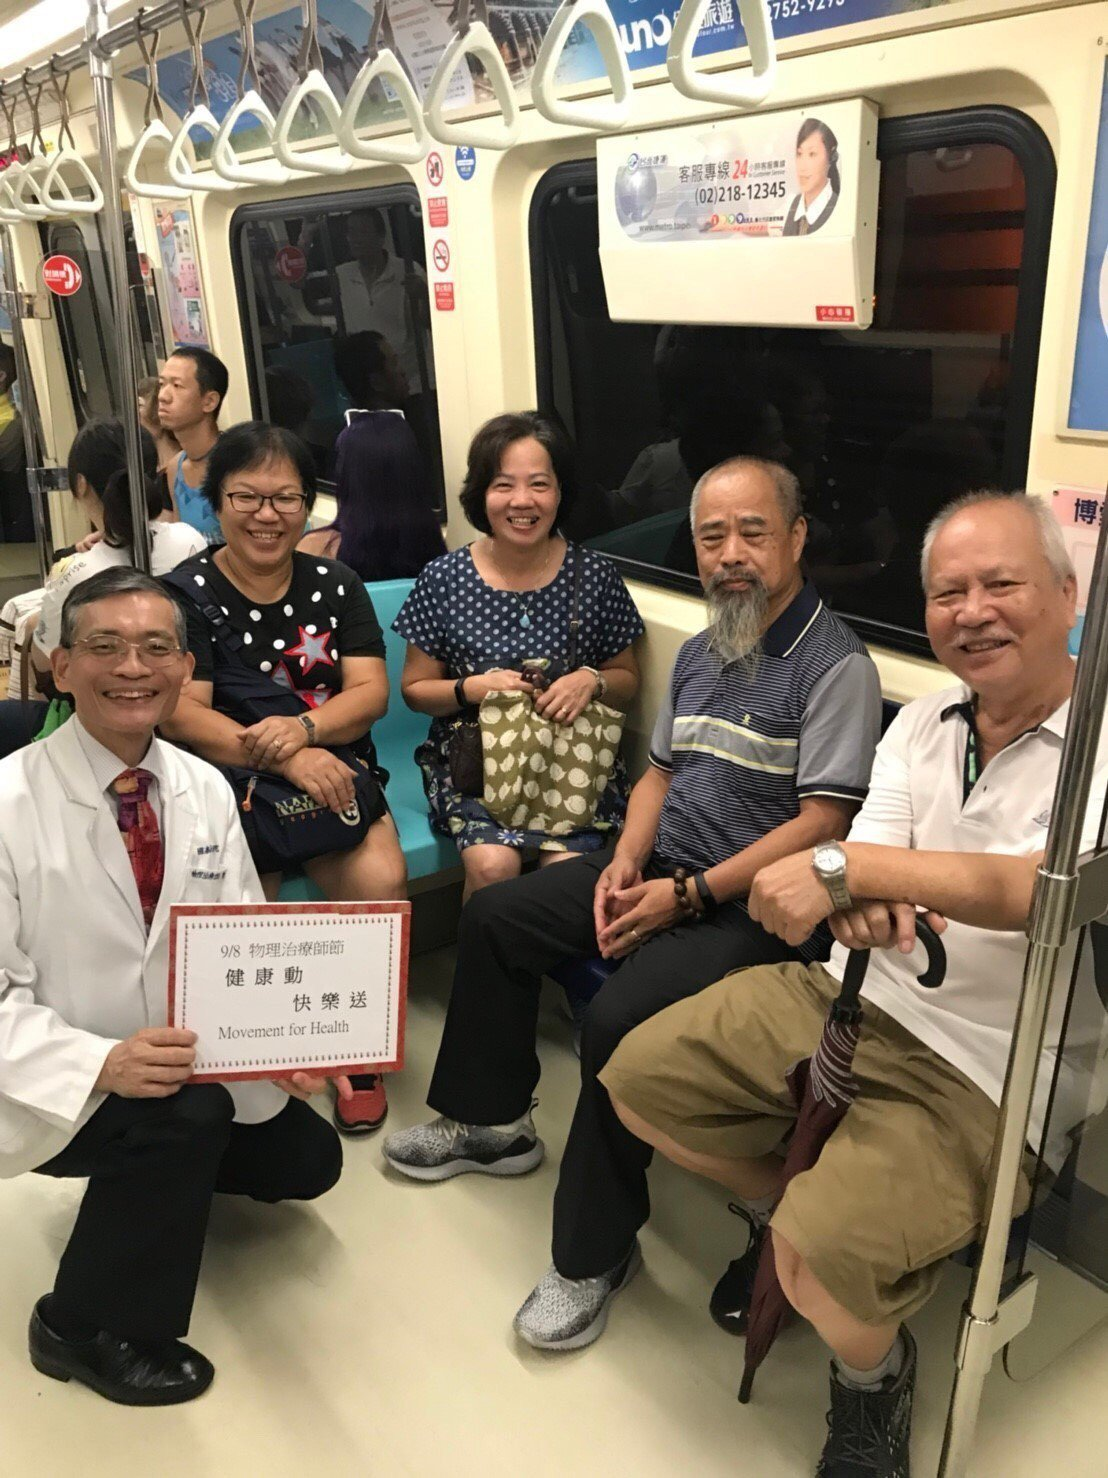 今天是世界物理治療師日,也是台灣物理治療師節,物理治療師簡文仁教民眾坐捷運能紓展...